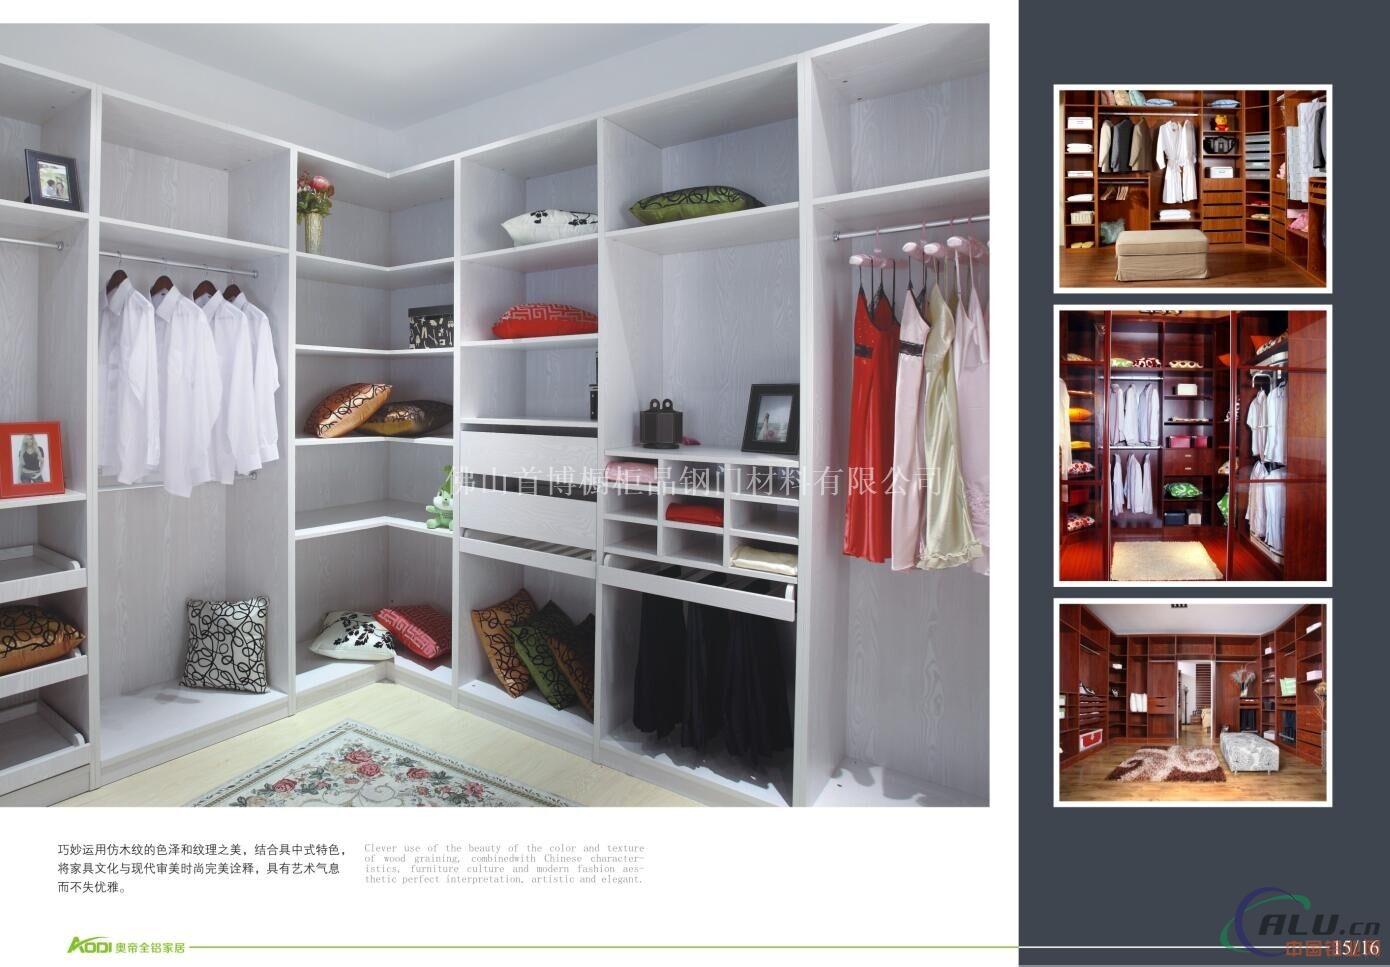 欧式全铝柜体材料 全铝衣柜柜体设计图